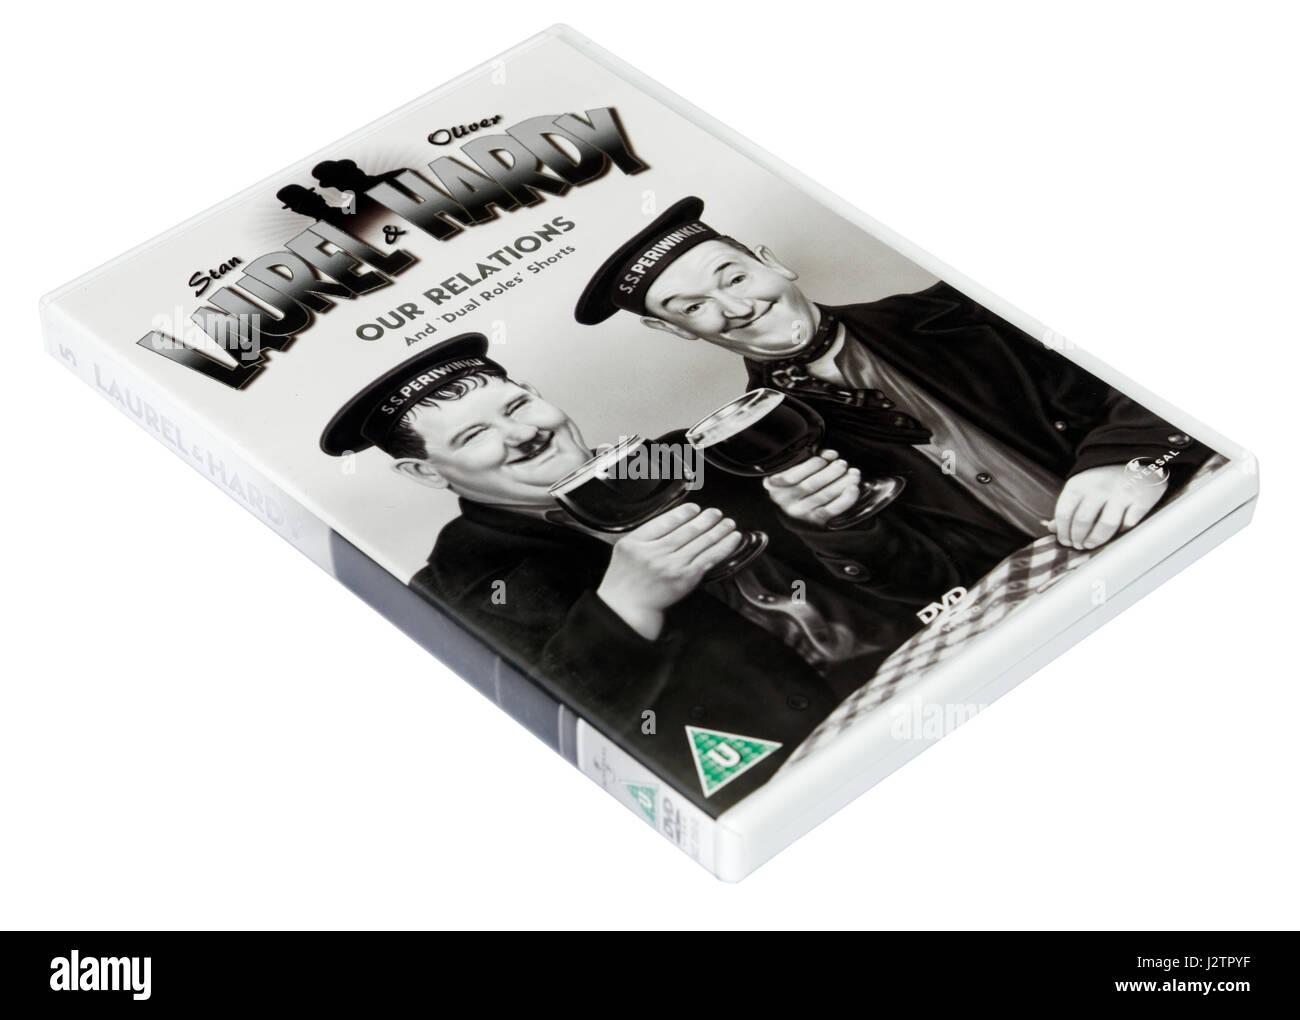 Le nostre relazioni: a Laurel e Hardy DVD di cortometraggi Immagini Stock